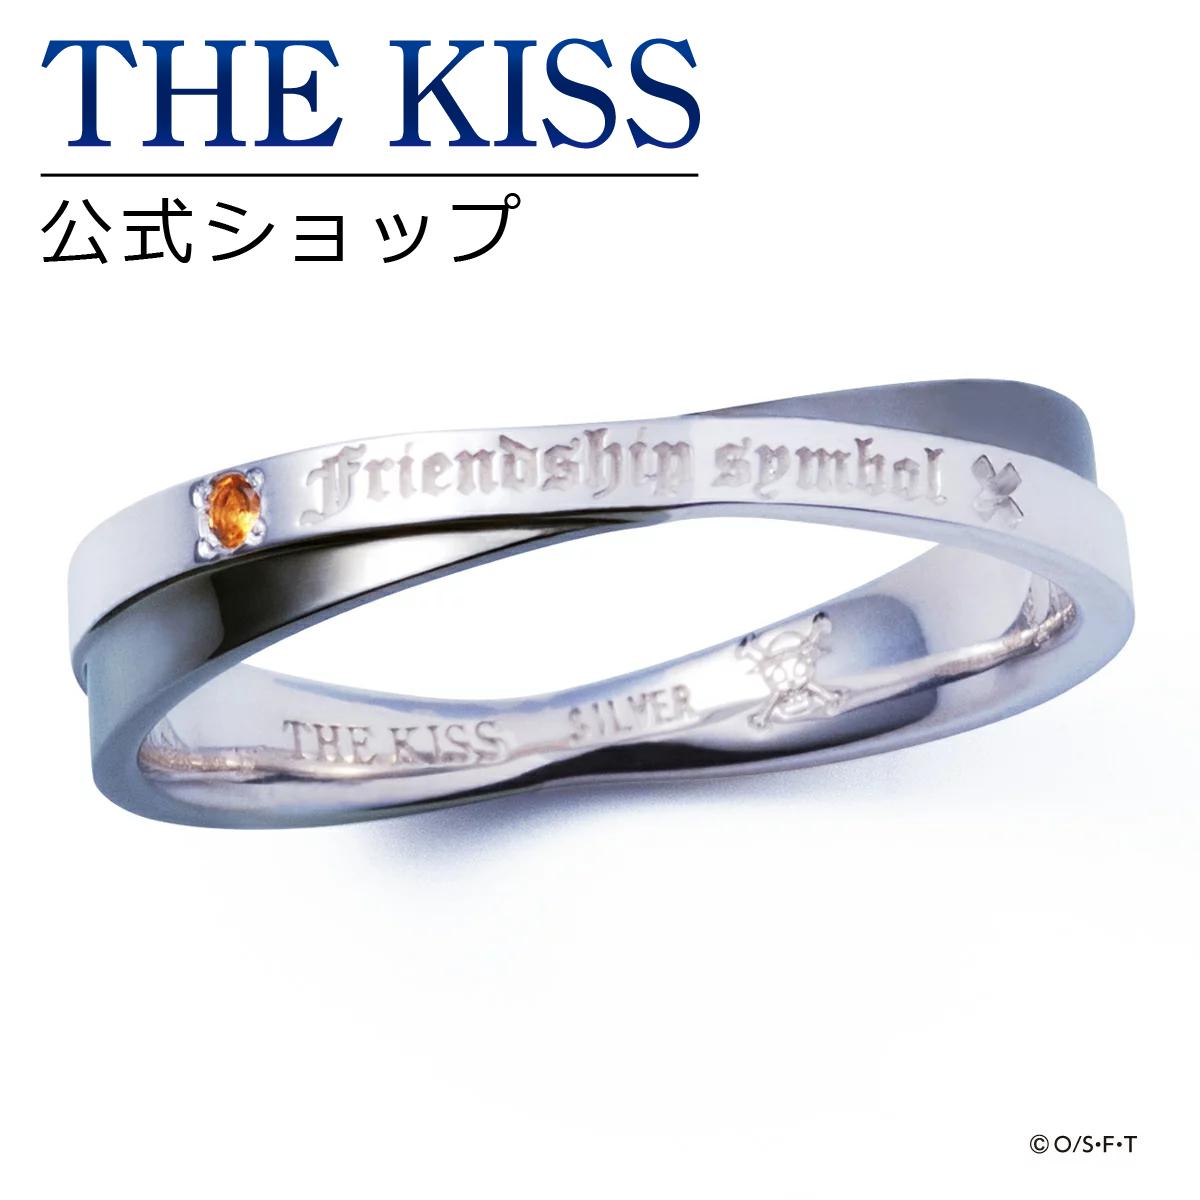 【あす楽対応】【送料無料】【ペアリング】【ONE PIECE】麦わらの一味 ペアリング ウソップVer. シトリン シルバーリング☆ THE KISS シルバ- ペア リング 指輪 ブランド SILVER Pair Ring couple